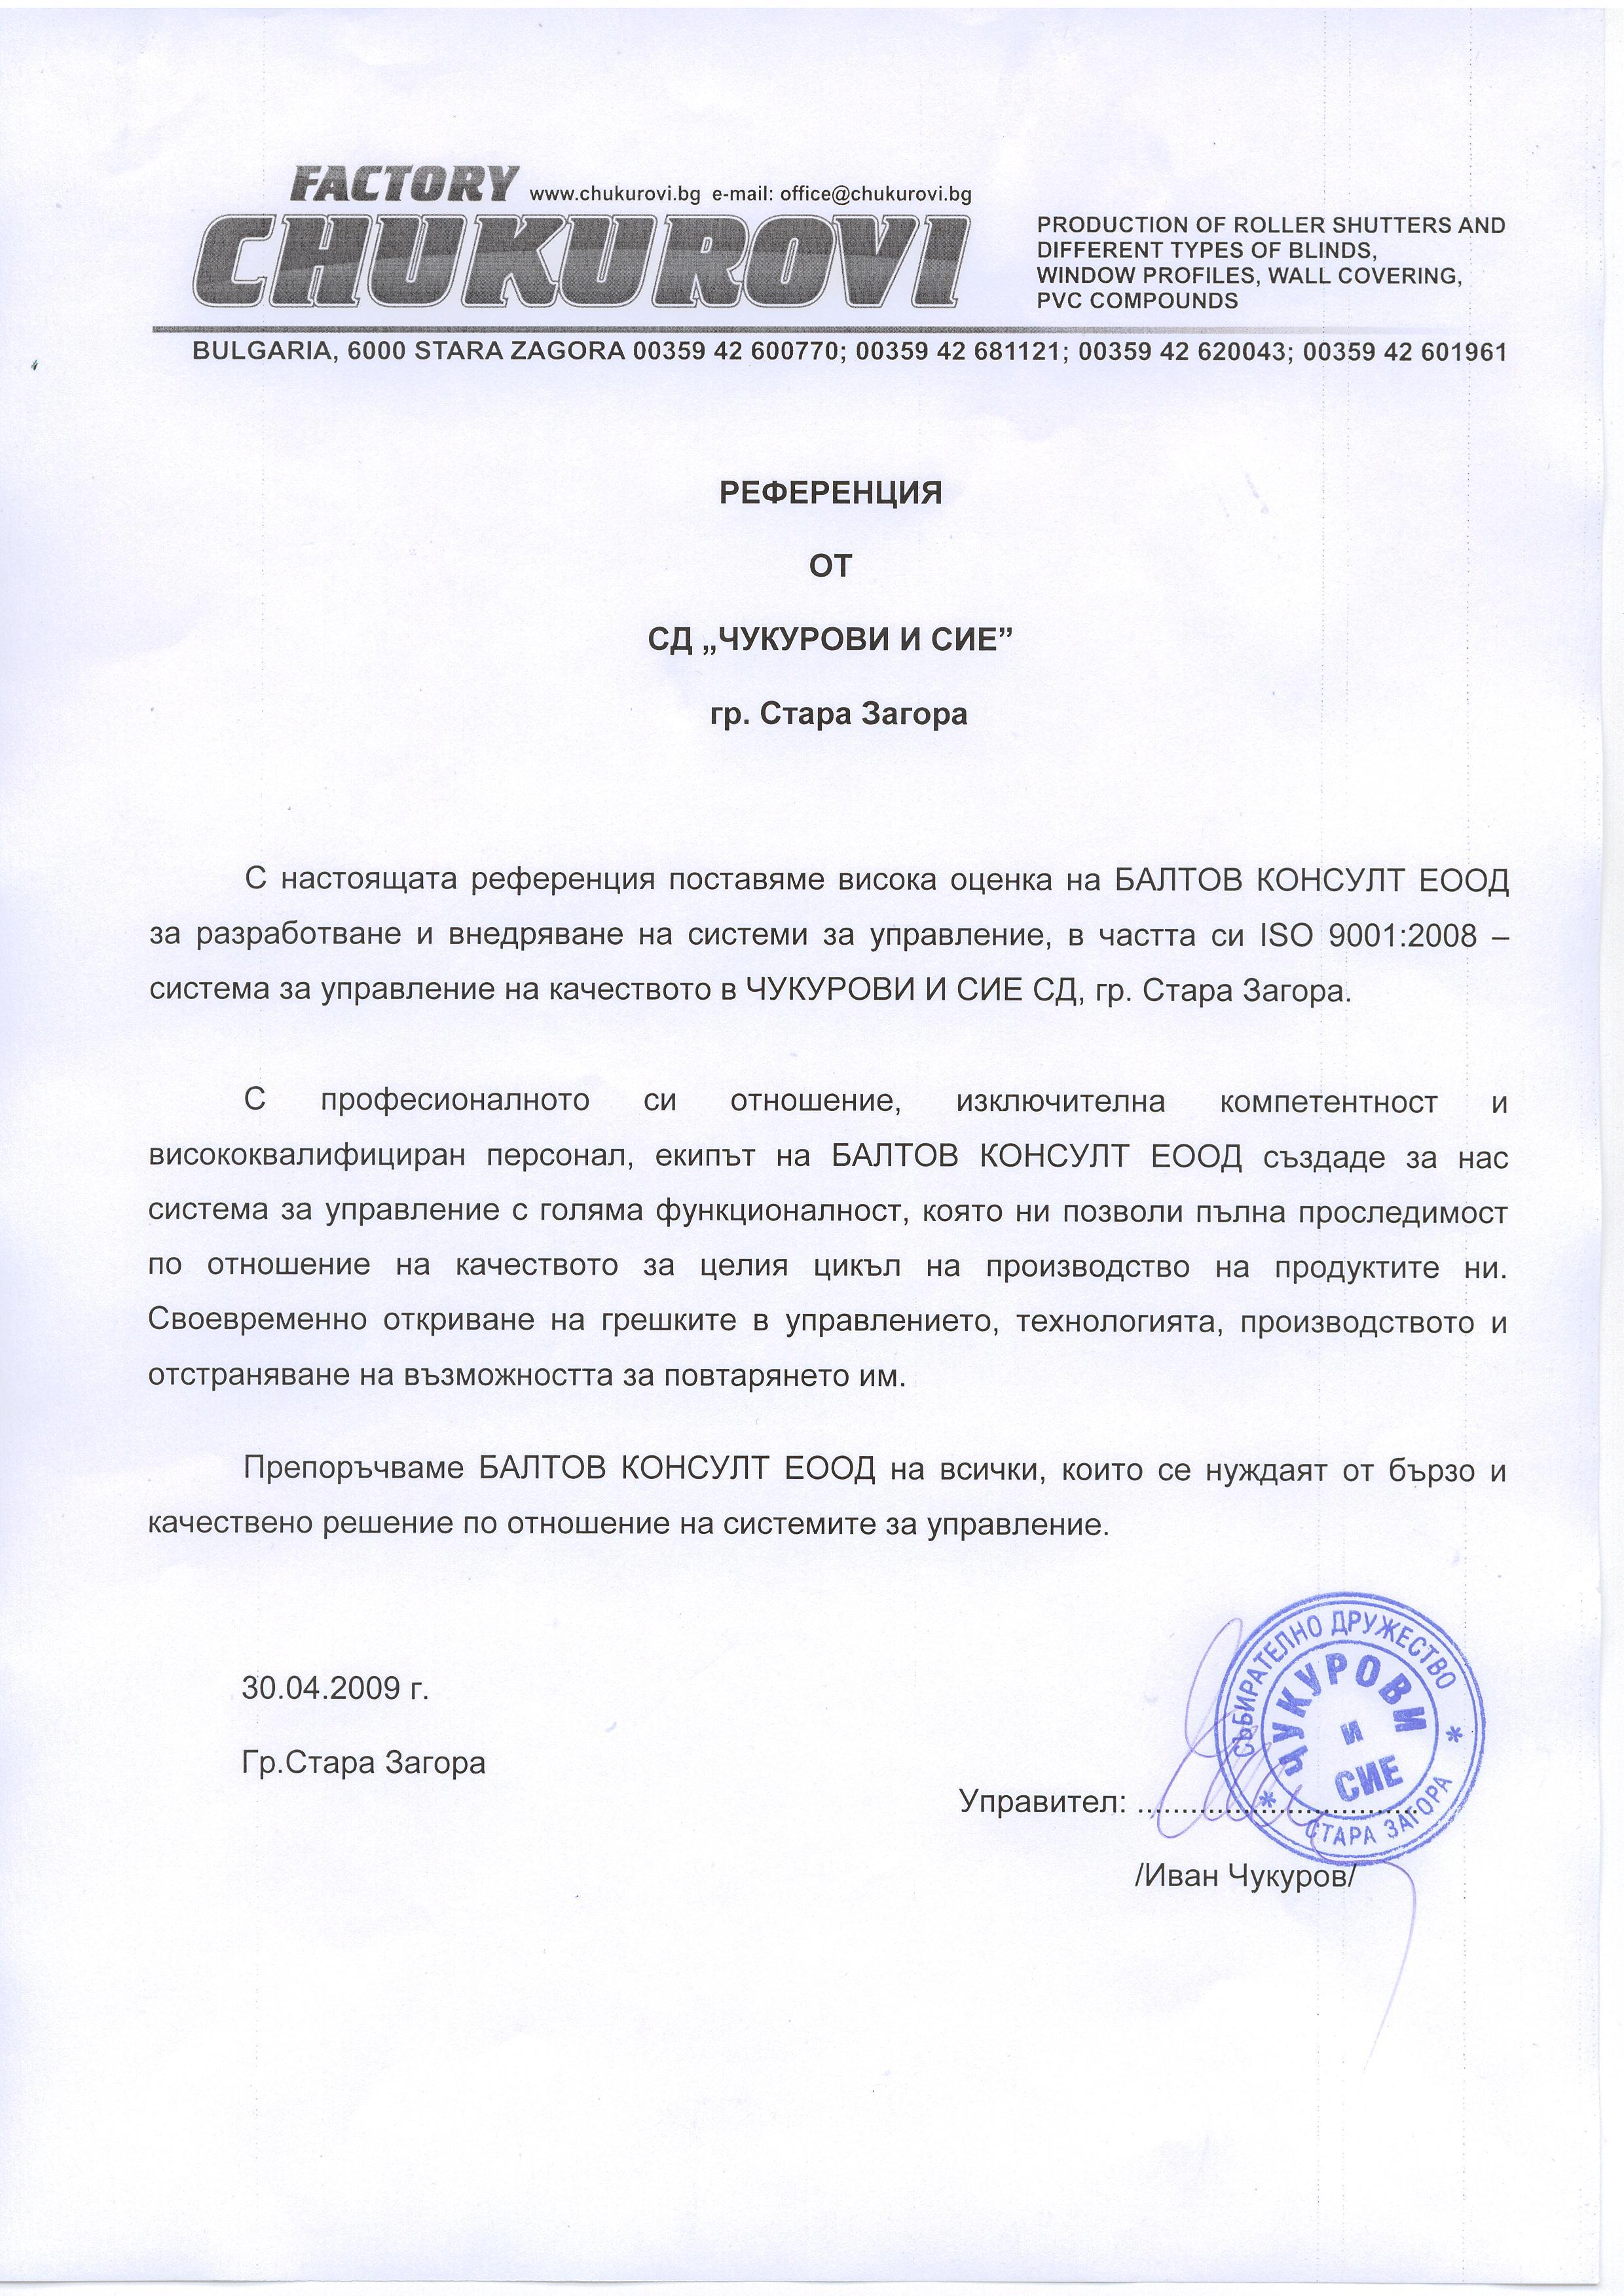 Чукурови и сие СД гр. Стара Загора